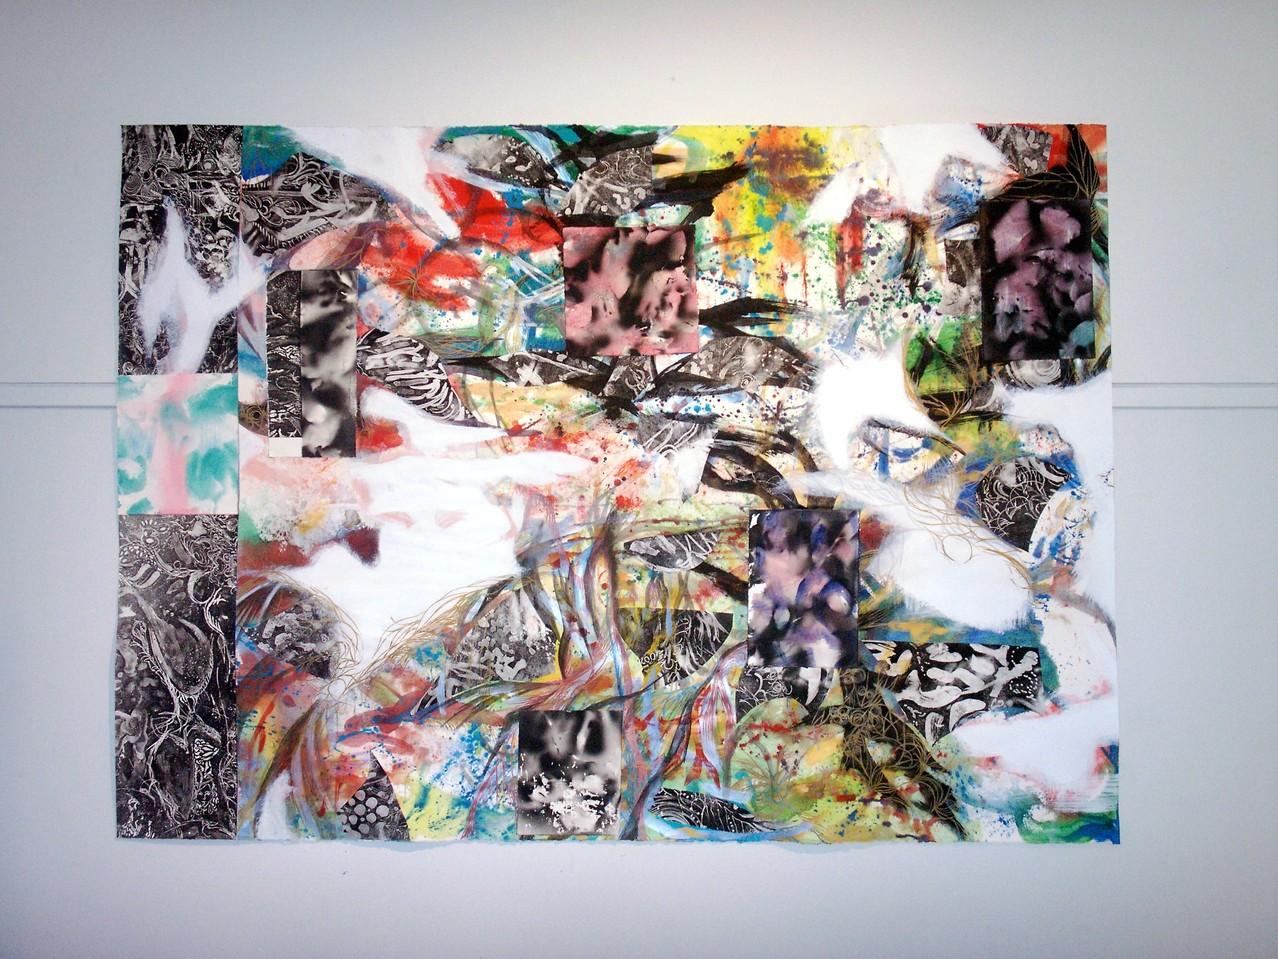 「Clouds」銅版画、紙コラージュ、  アクリル、ドローイング  2007/2008年  メルボルン(オーストラリア) 個人蔵